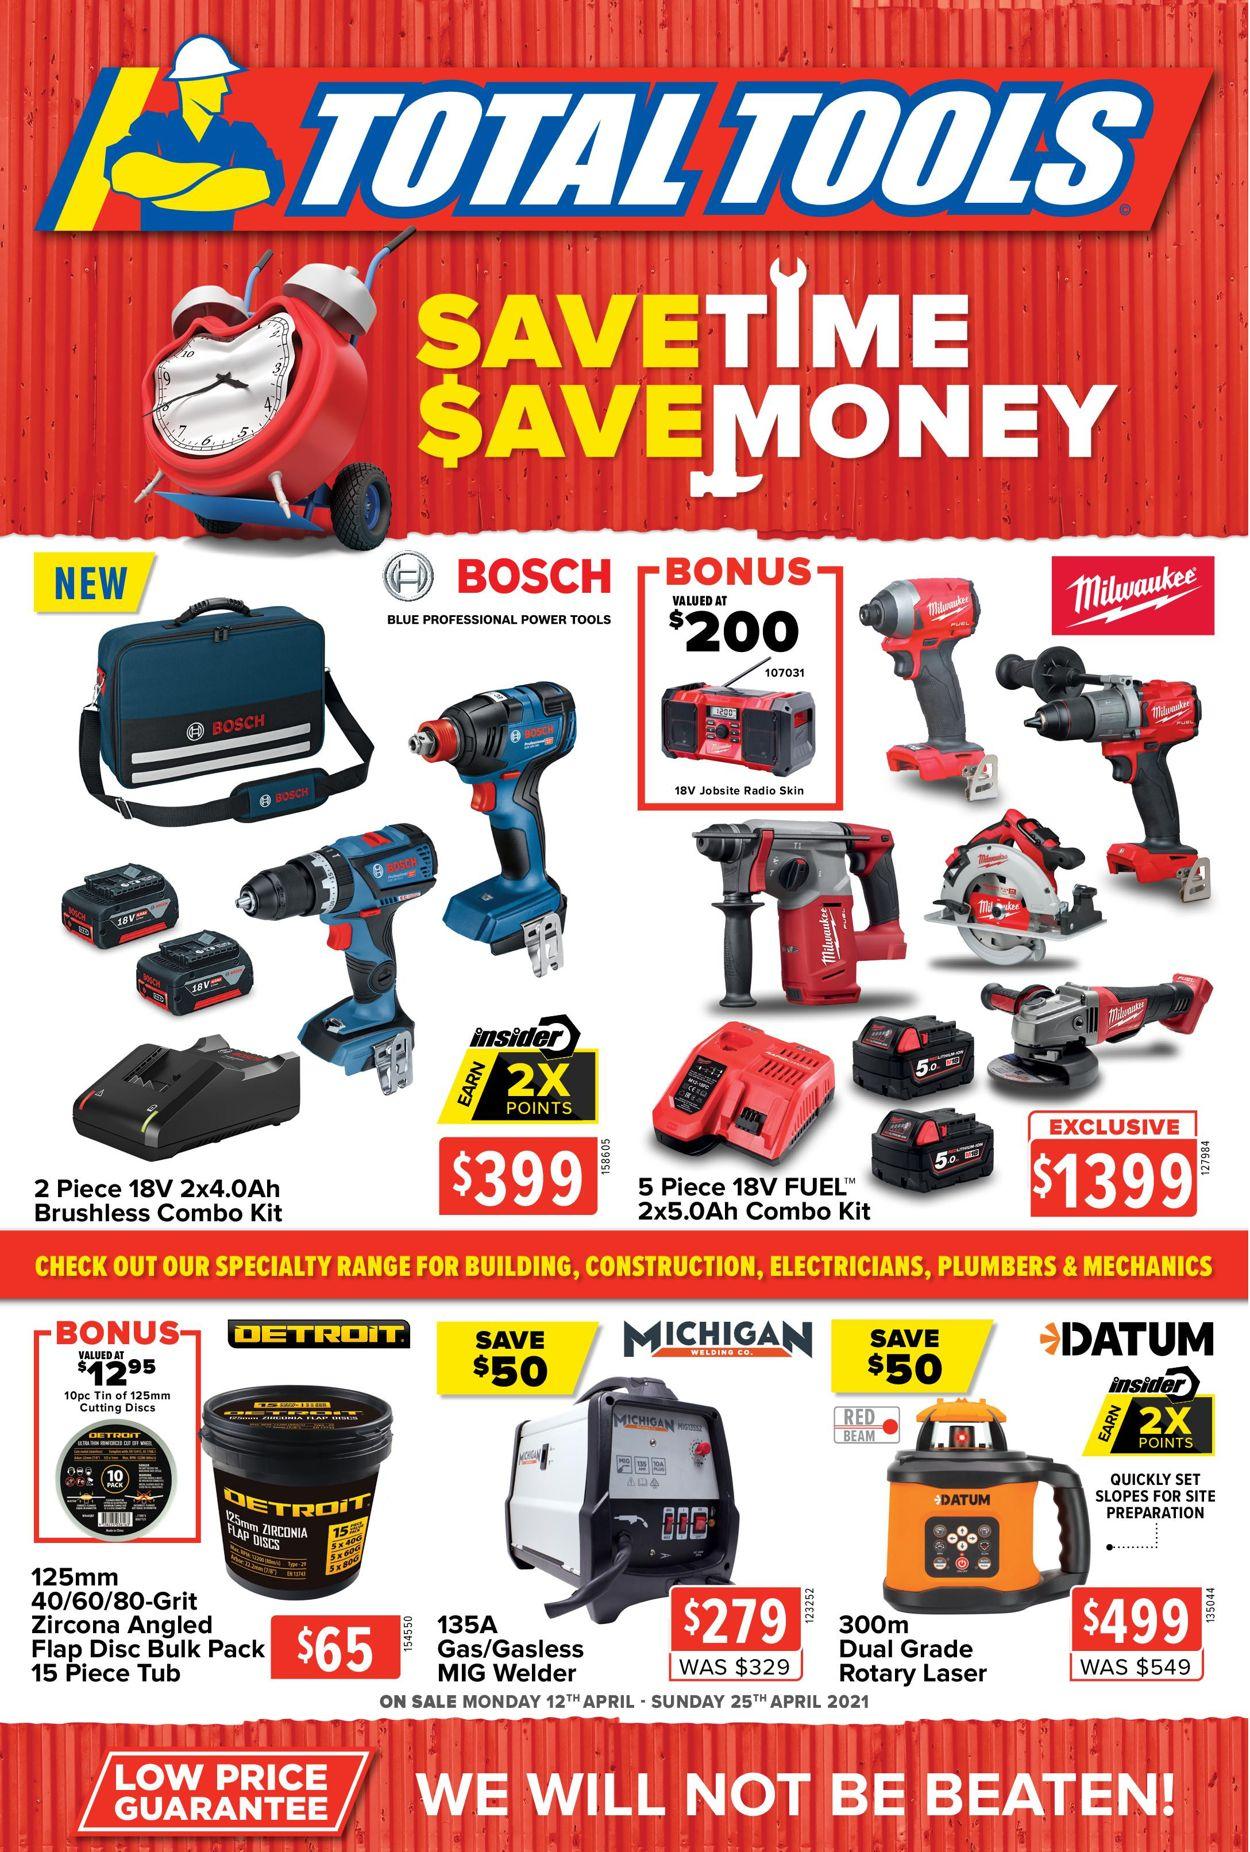 Total Tools Catalogue - 12/04-25/04/2021